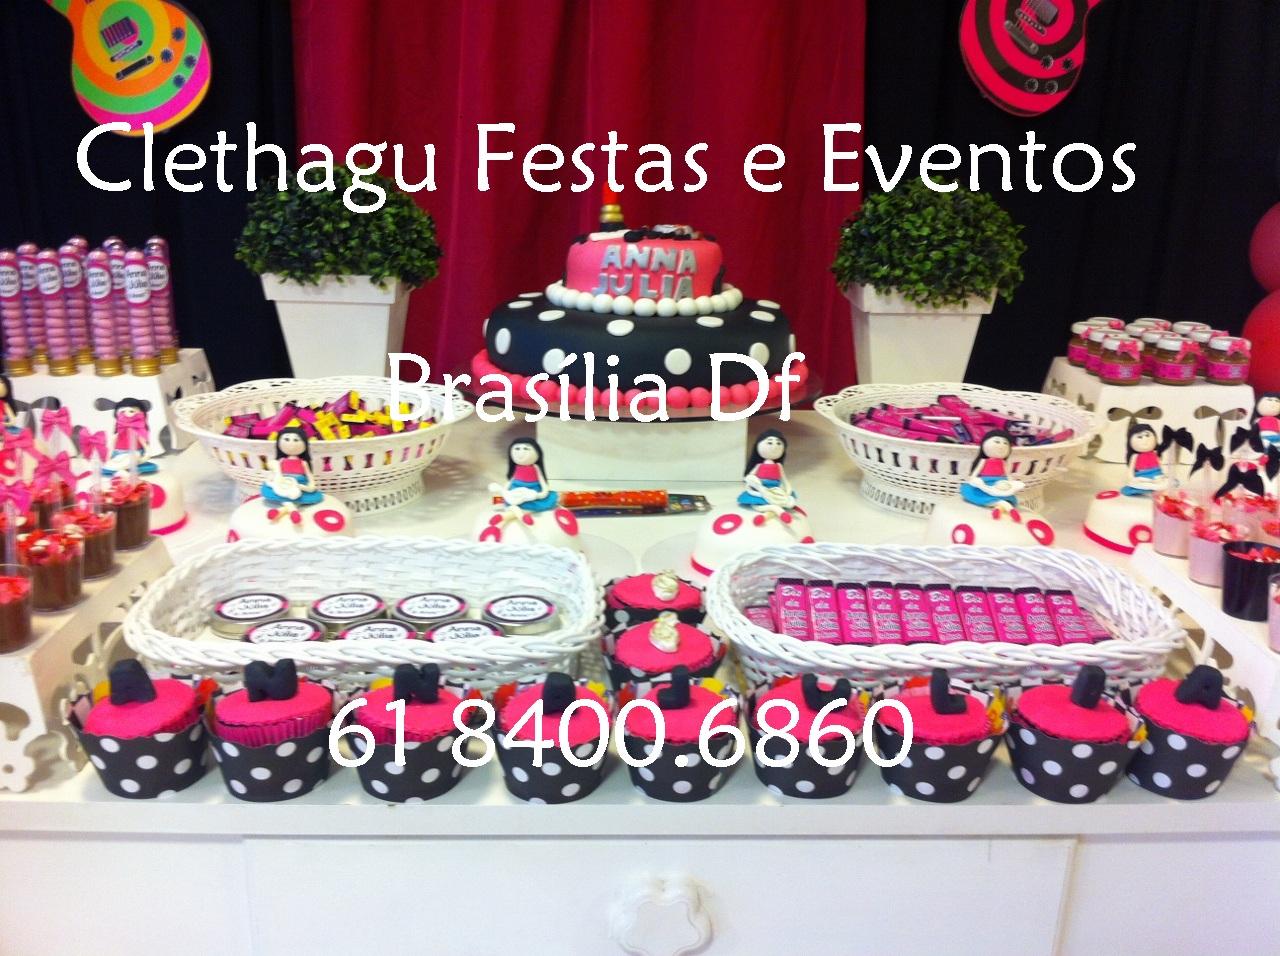 decoracao festa zebra pink:Festa Da Zebra Pink